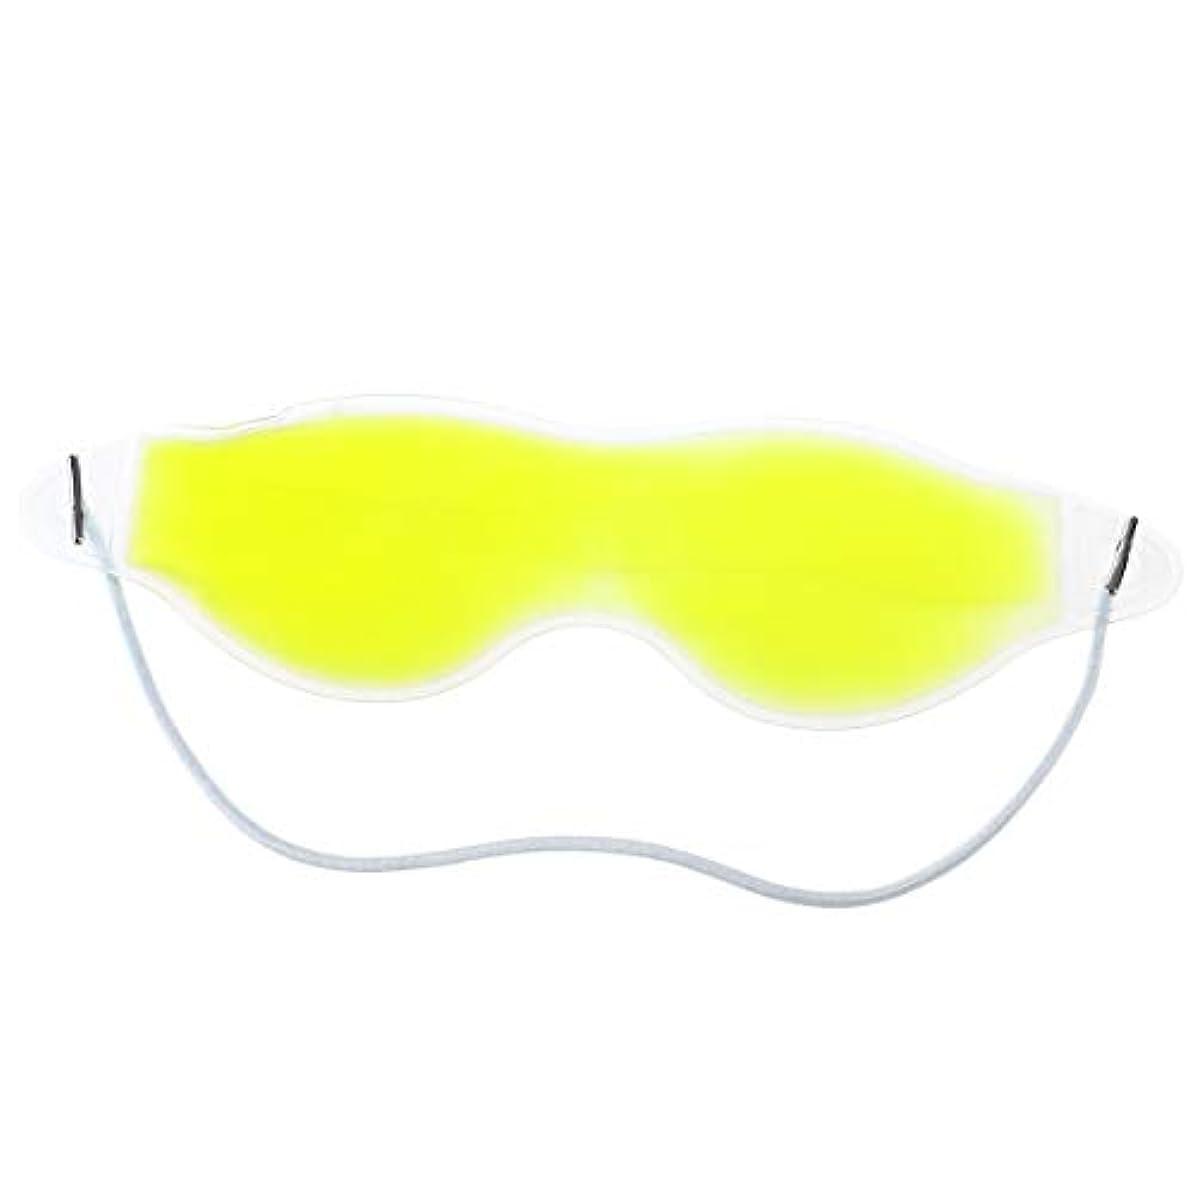 る全部ぜいたくARTLILY ジェルアイマスクアイスコールドパックまたはホットパックアイリラクゼーションセラピーマスク - 眠りを改善し、腫れぼったい、目の腫れ、疲労、頭痛、緊張を改善(黄色)